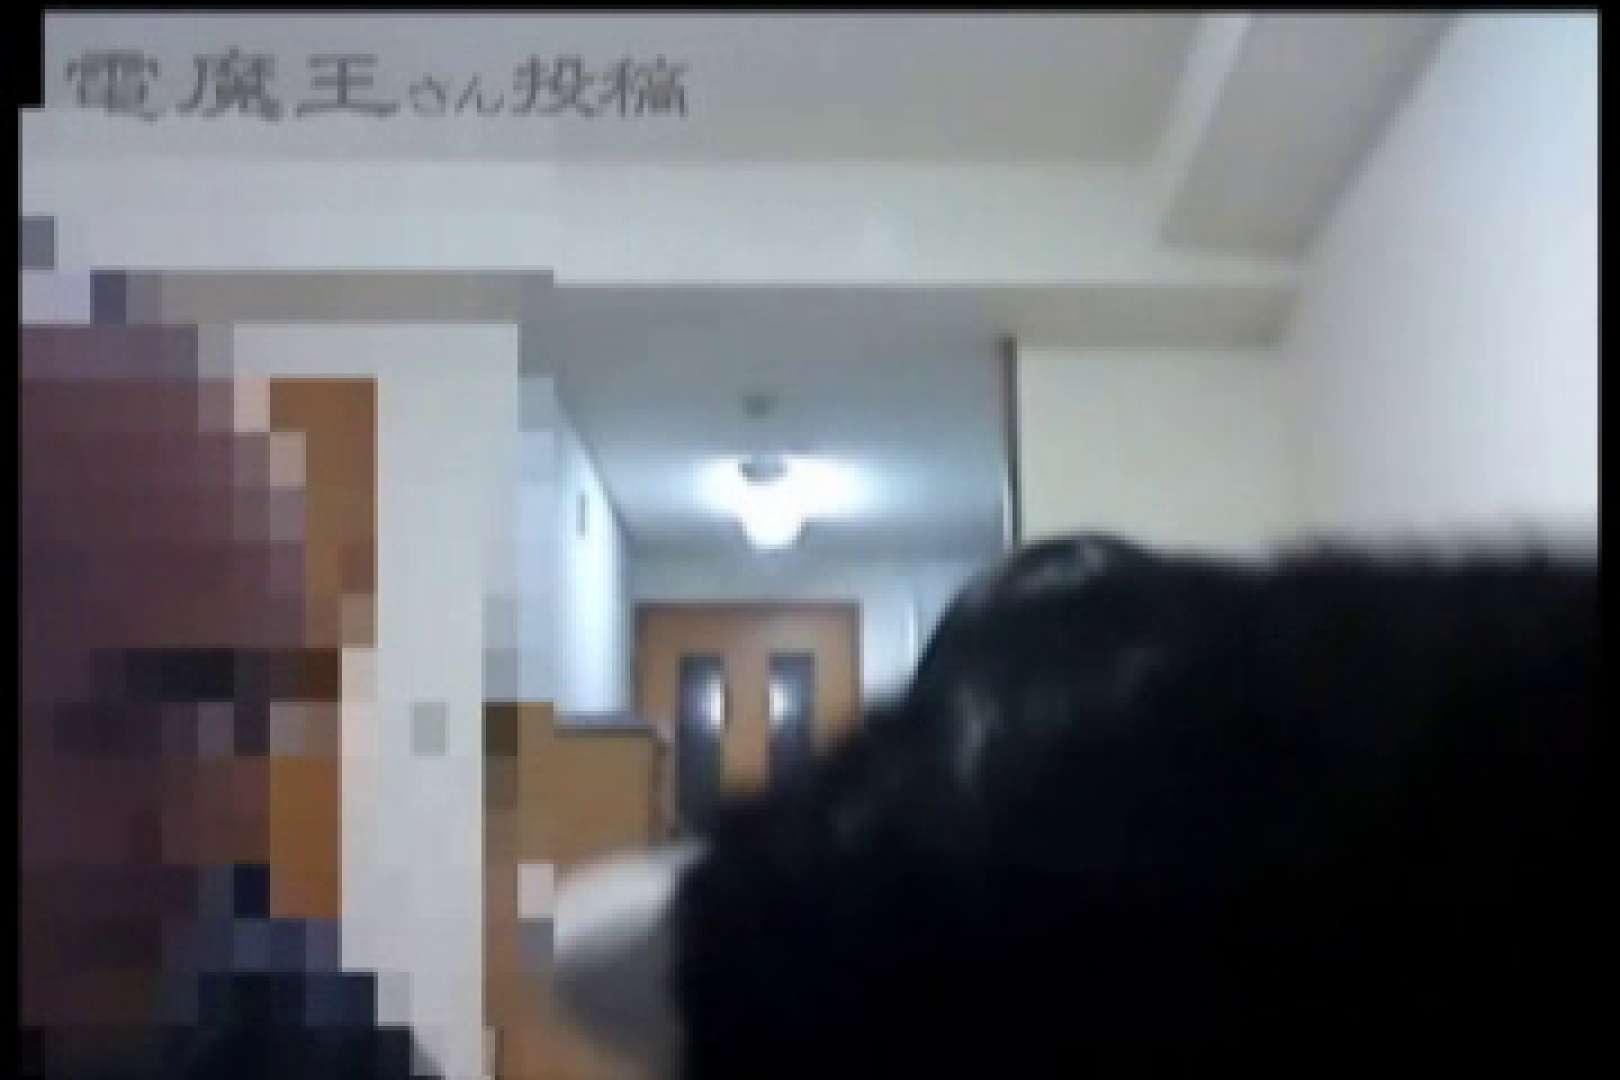 電魔王さんの「隠撮の部屋」ミーナ 隠撮  70pic 10